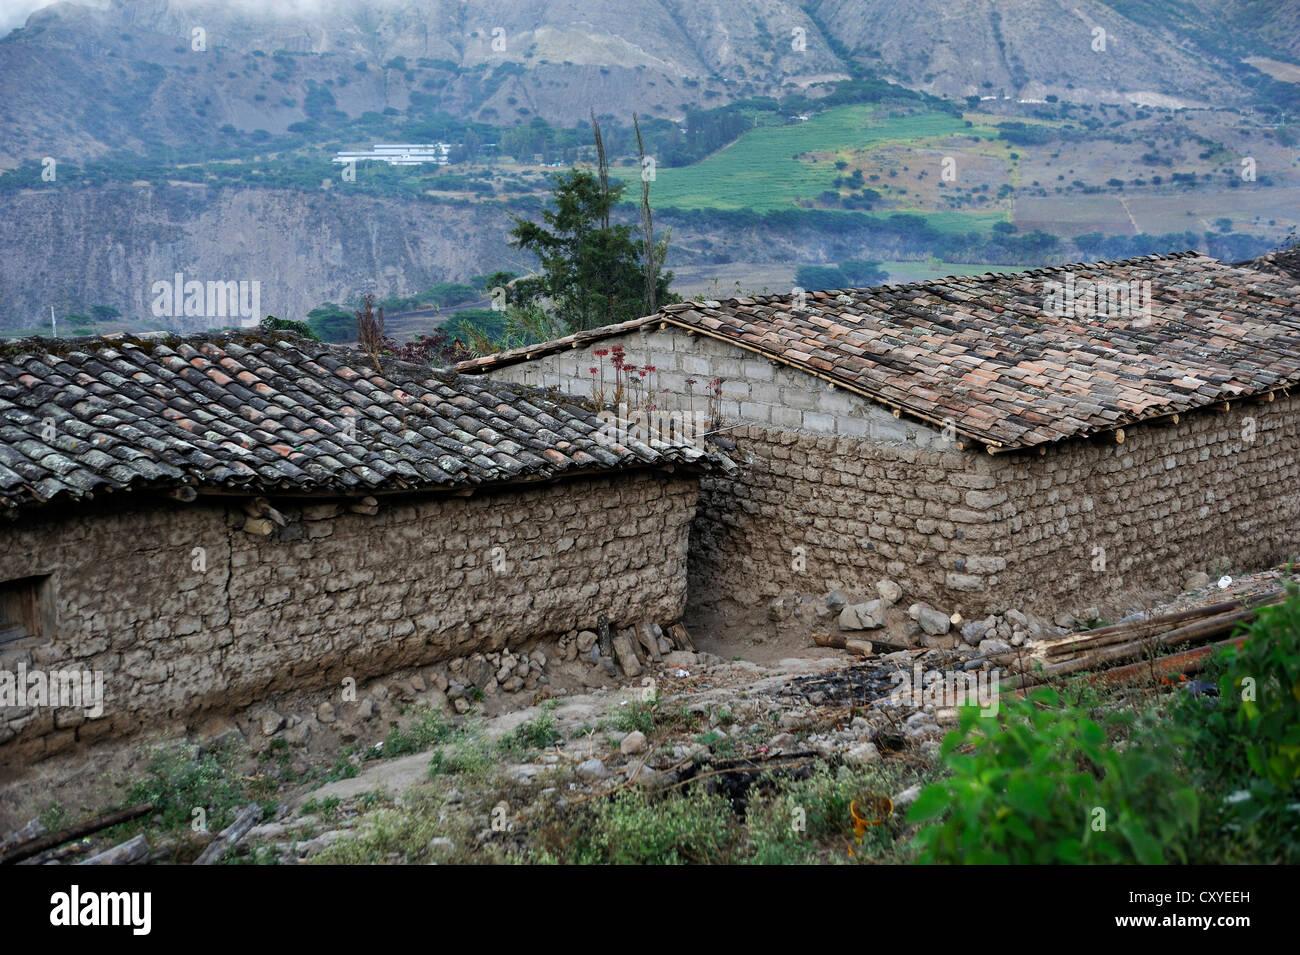 Häuser im traditionellen Baustil, Lehmziegeln, African-ecuadorianische Gemeinde La Loma, Paroquia Concepcion Stockbild